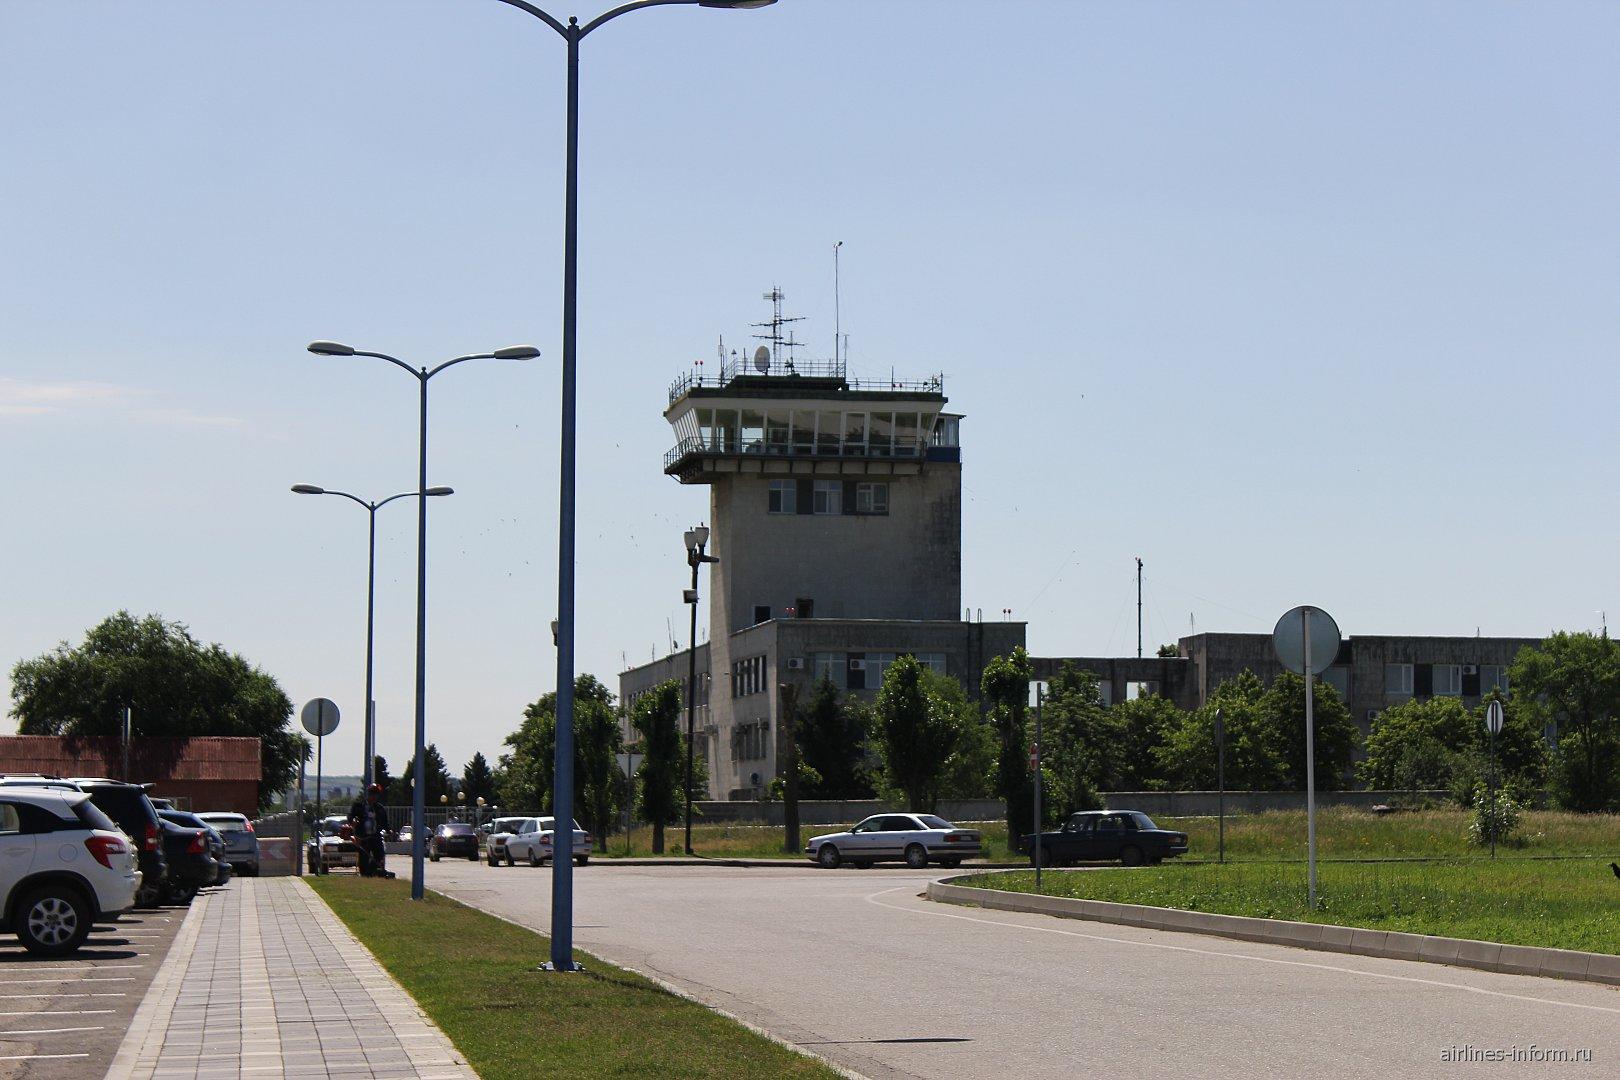 Диспетчерская вышка в аэропорту Минеральные Воды